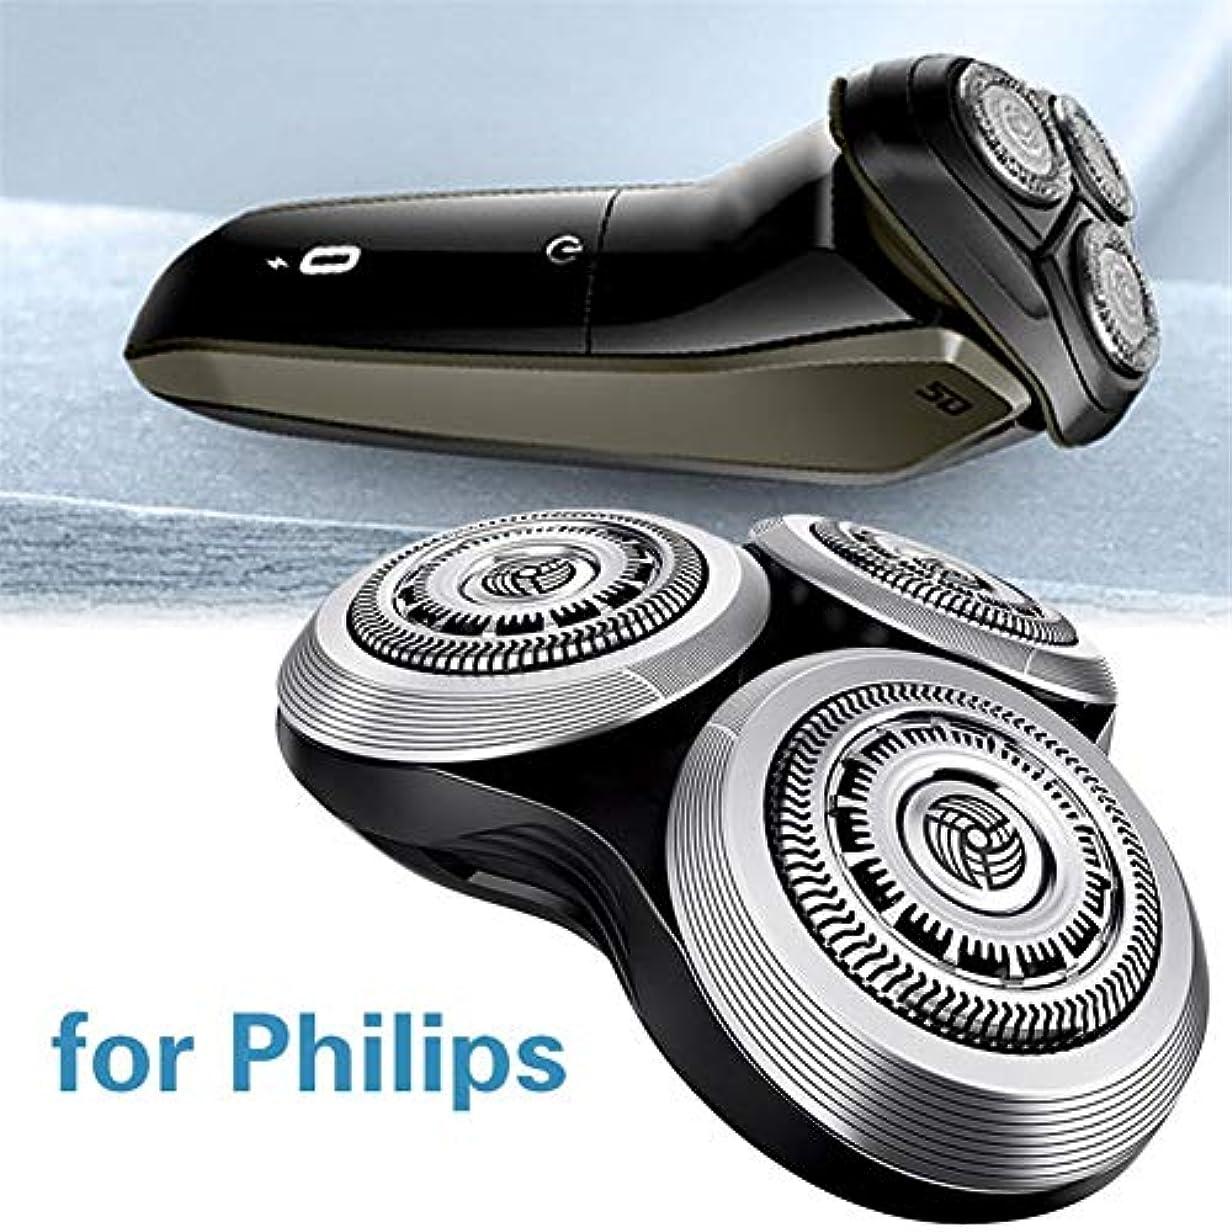 患者ミス神秘clouday フィリップス用 シェーバー ヘッド 替刃 シェーバーカミソリヘッド交換替え刃 for Philips Norelco sh90 s9000 s7000 s8000 RQ12 RQ10 companionable